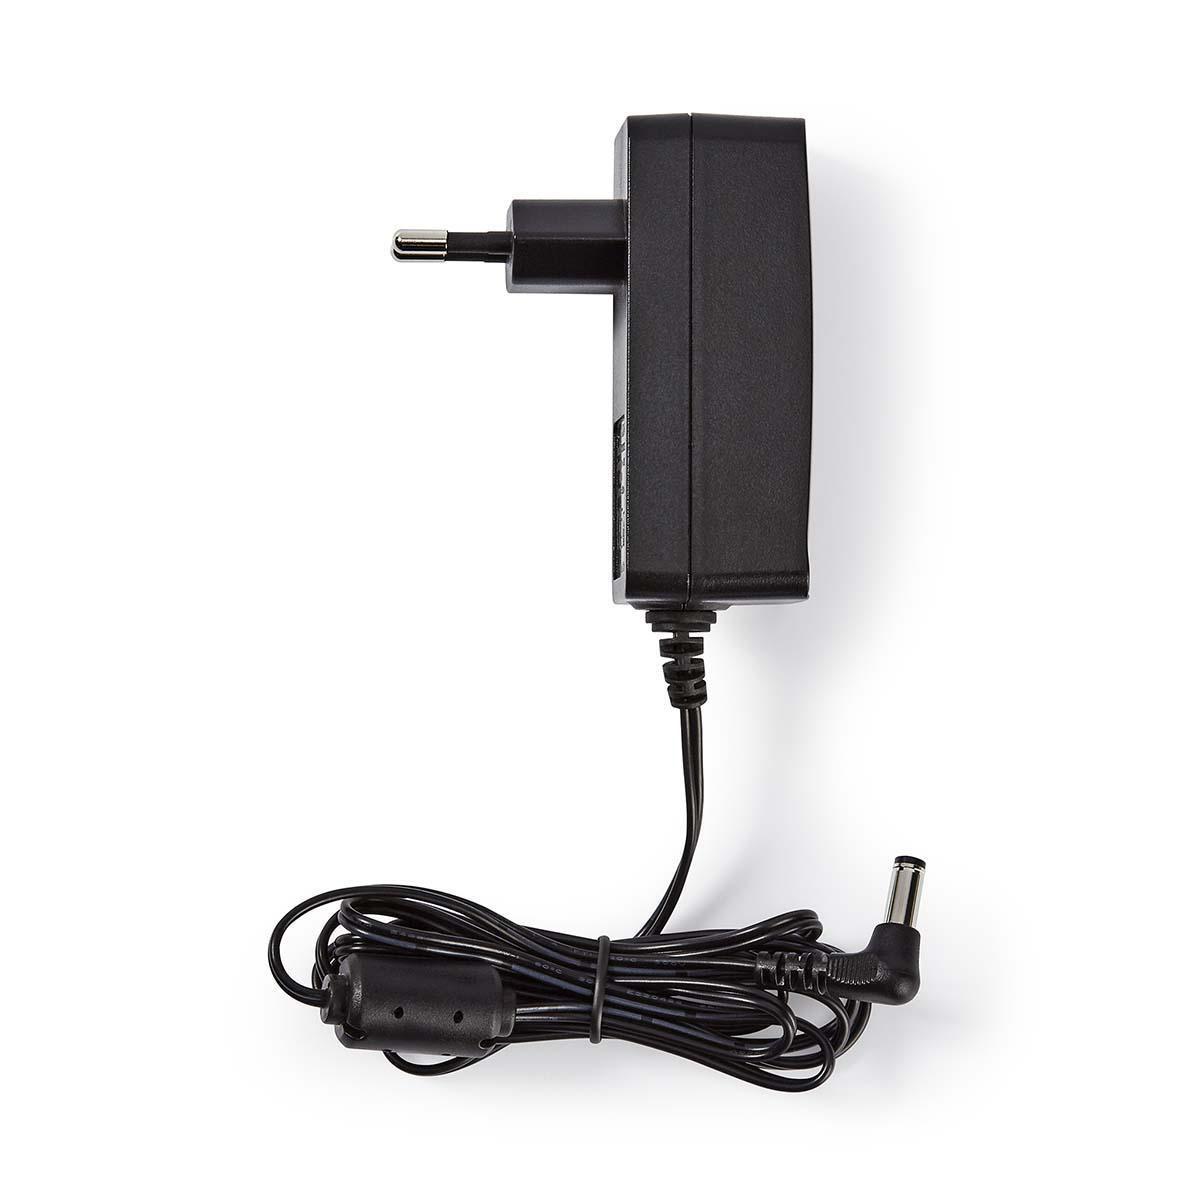 Este no es un adaptador de CCTV estándar: este adaptador está específicamente diseñado para sistemas de CCTV que imponen una gran demanda de energía. Cuando los adaptadores estándar rara vez proporcionan suficiente potencia para su uso con CCTV, especialm